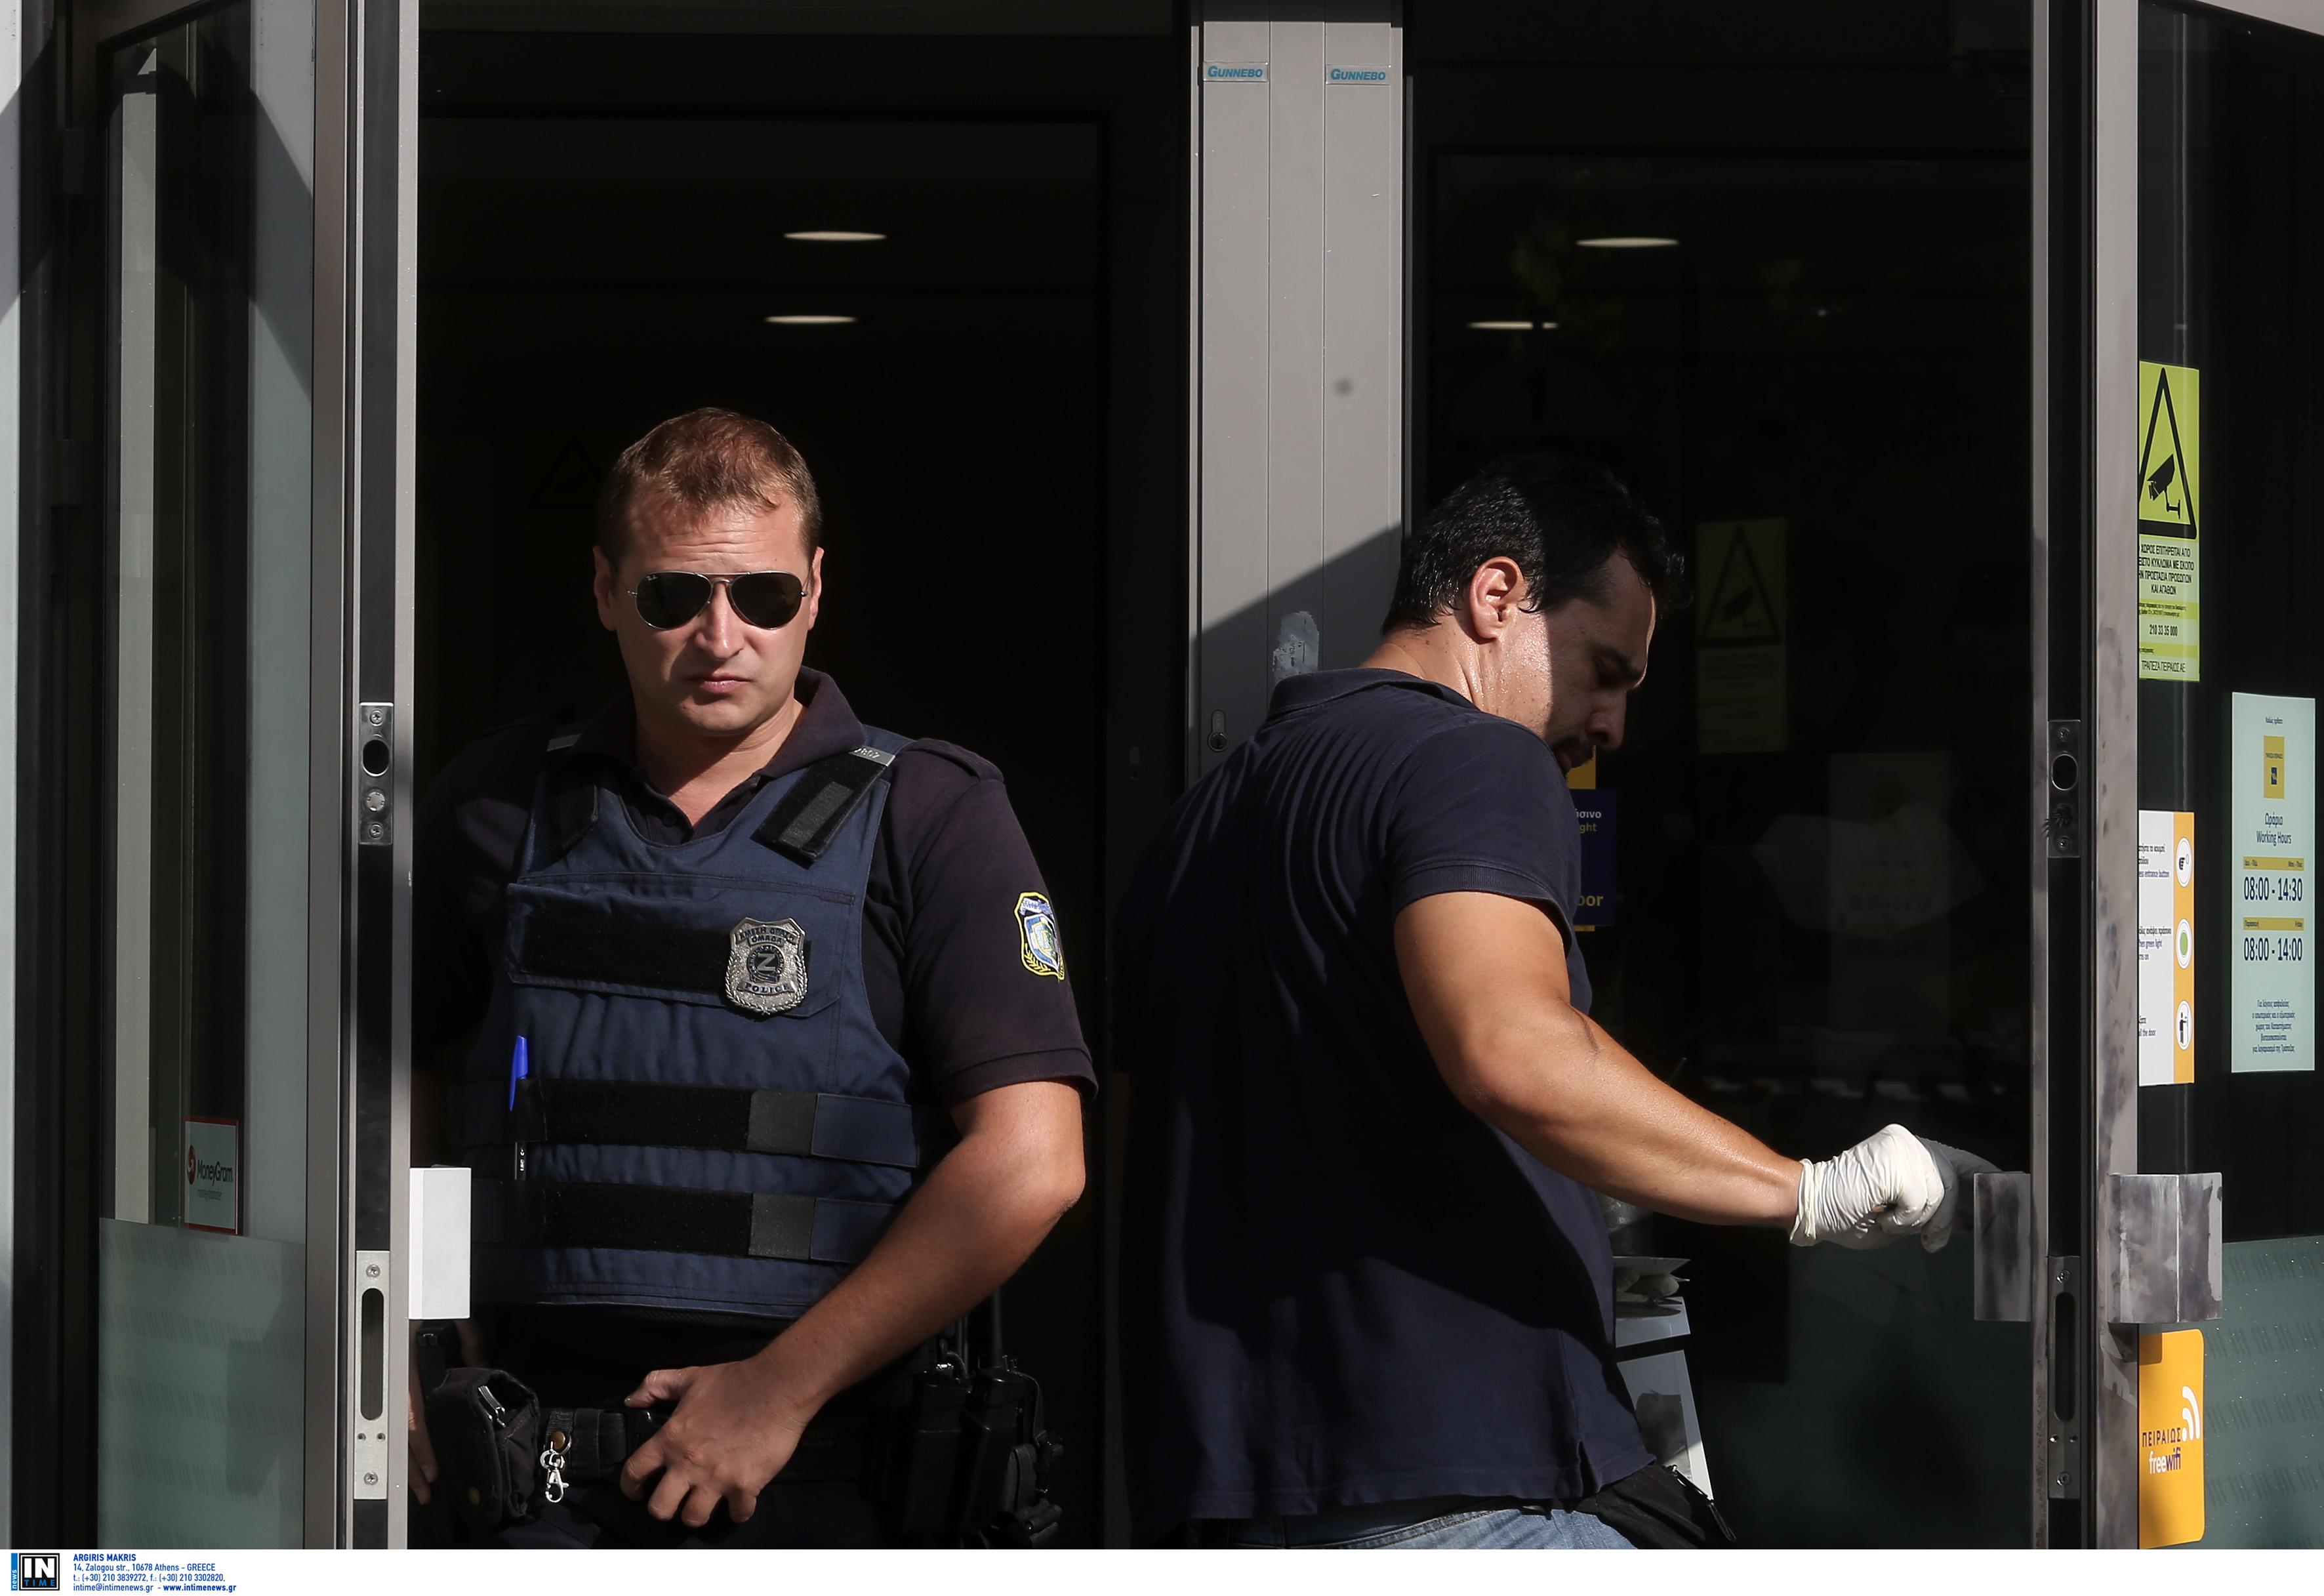 Λάρισα: Ληστεία σε τράπεζα στο Συκούριο – Οι δράστες άδειασαν ένα από τα ταμεία – Οι επόμενες κινήσεις τους!